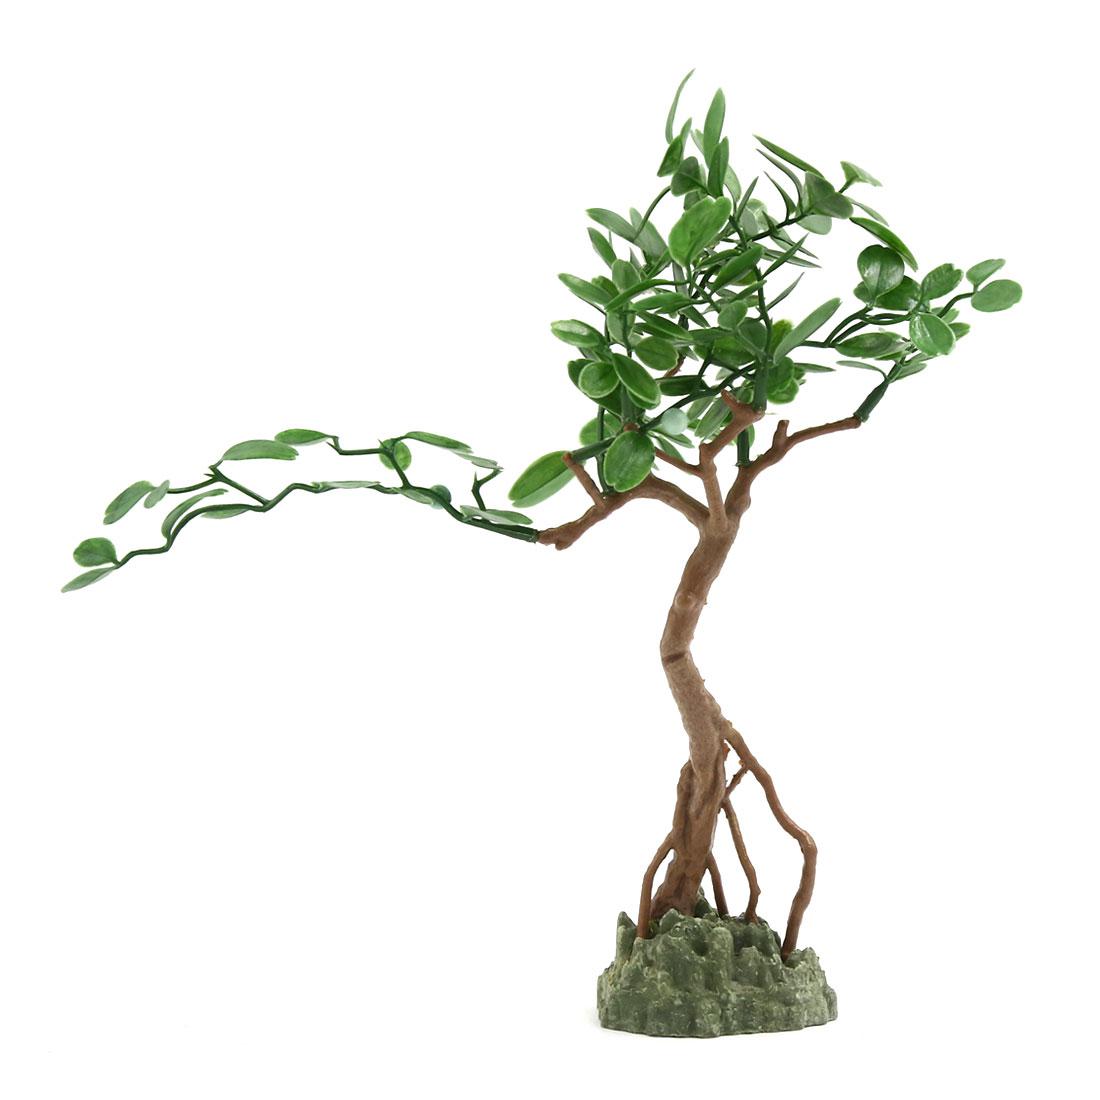 Aquarium Fish Tank Green Artificial Tree Design Ornament 23x6x29cm